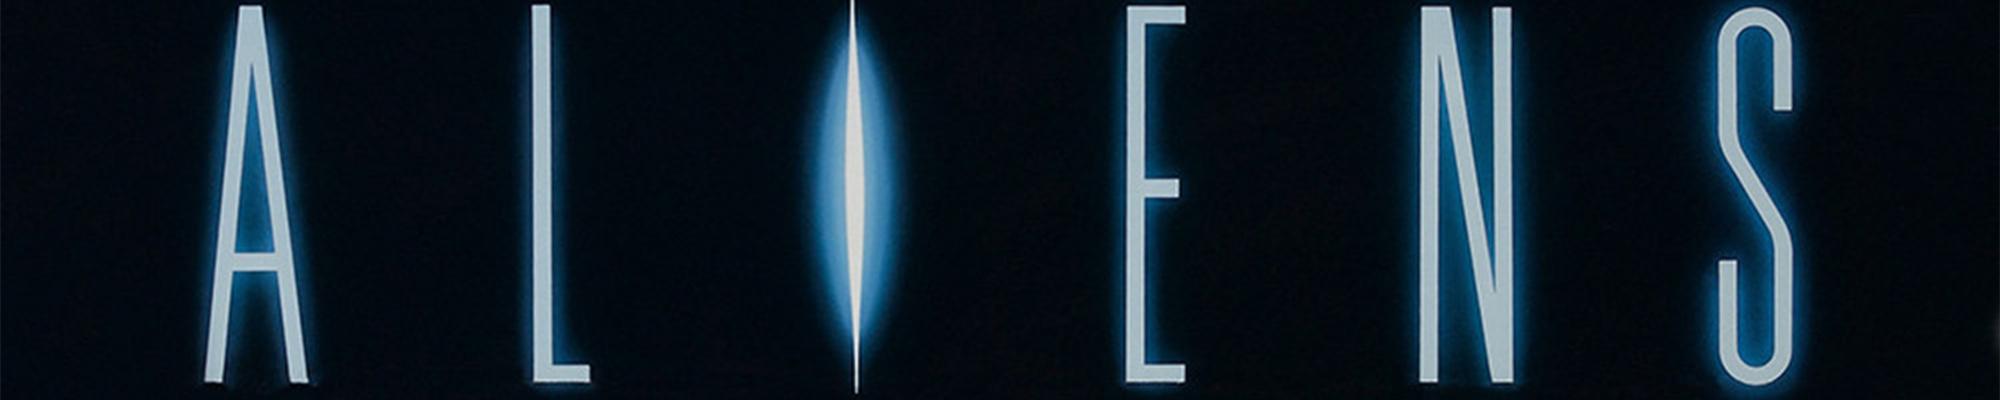 《异形2》:史上最伟大的杰作续集